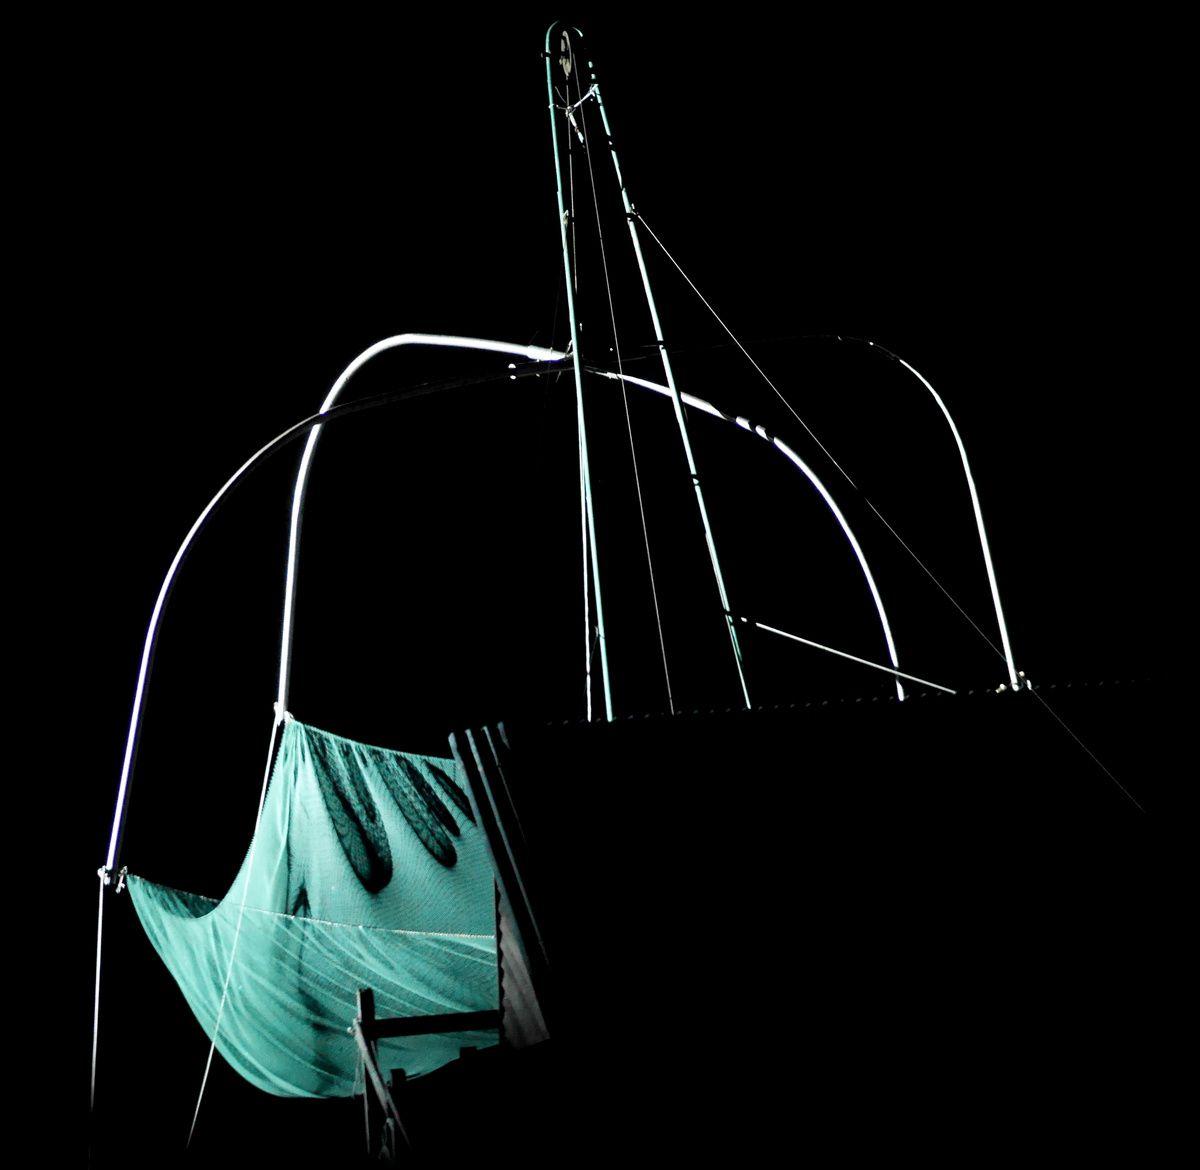 Pornic : La nuit des pêcheries